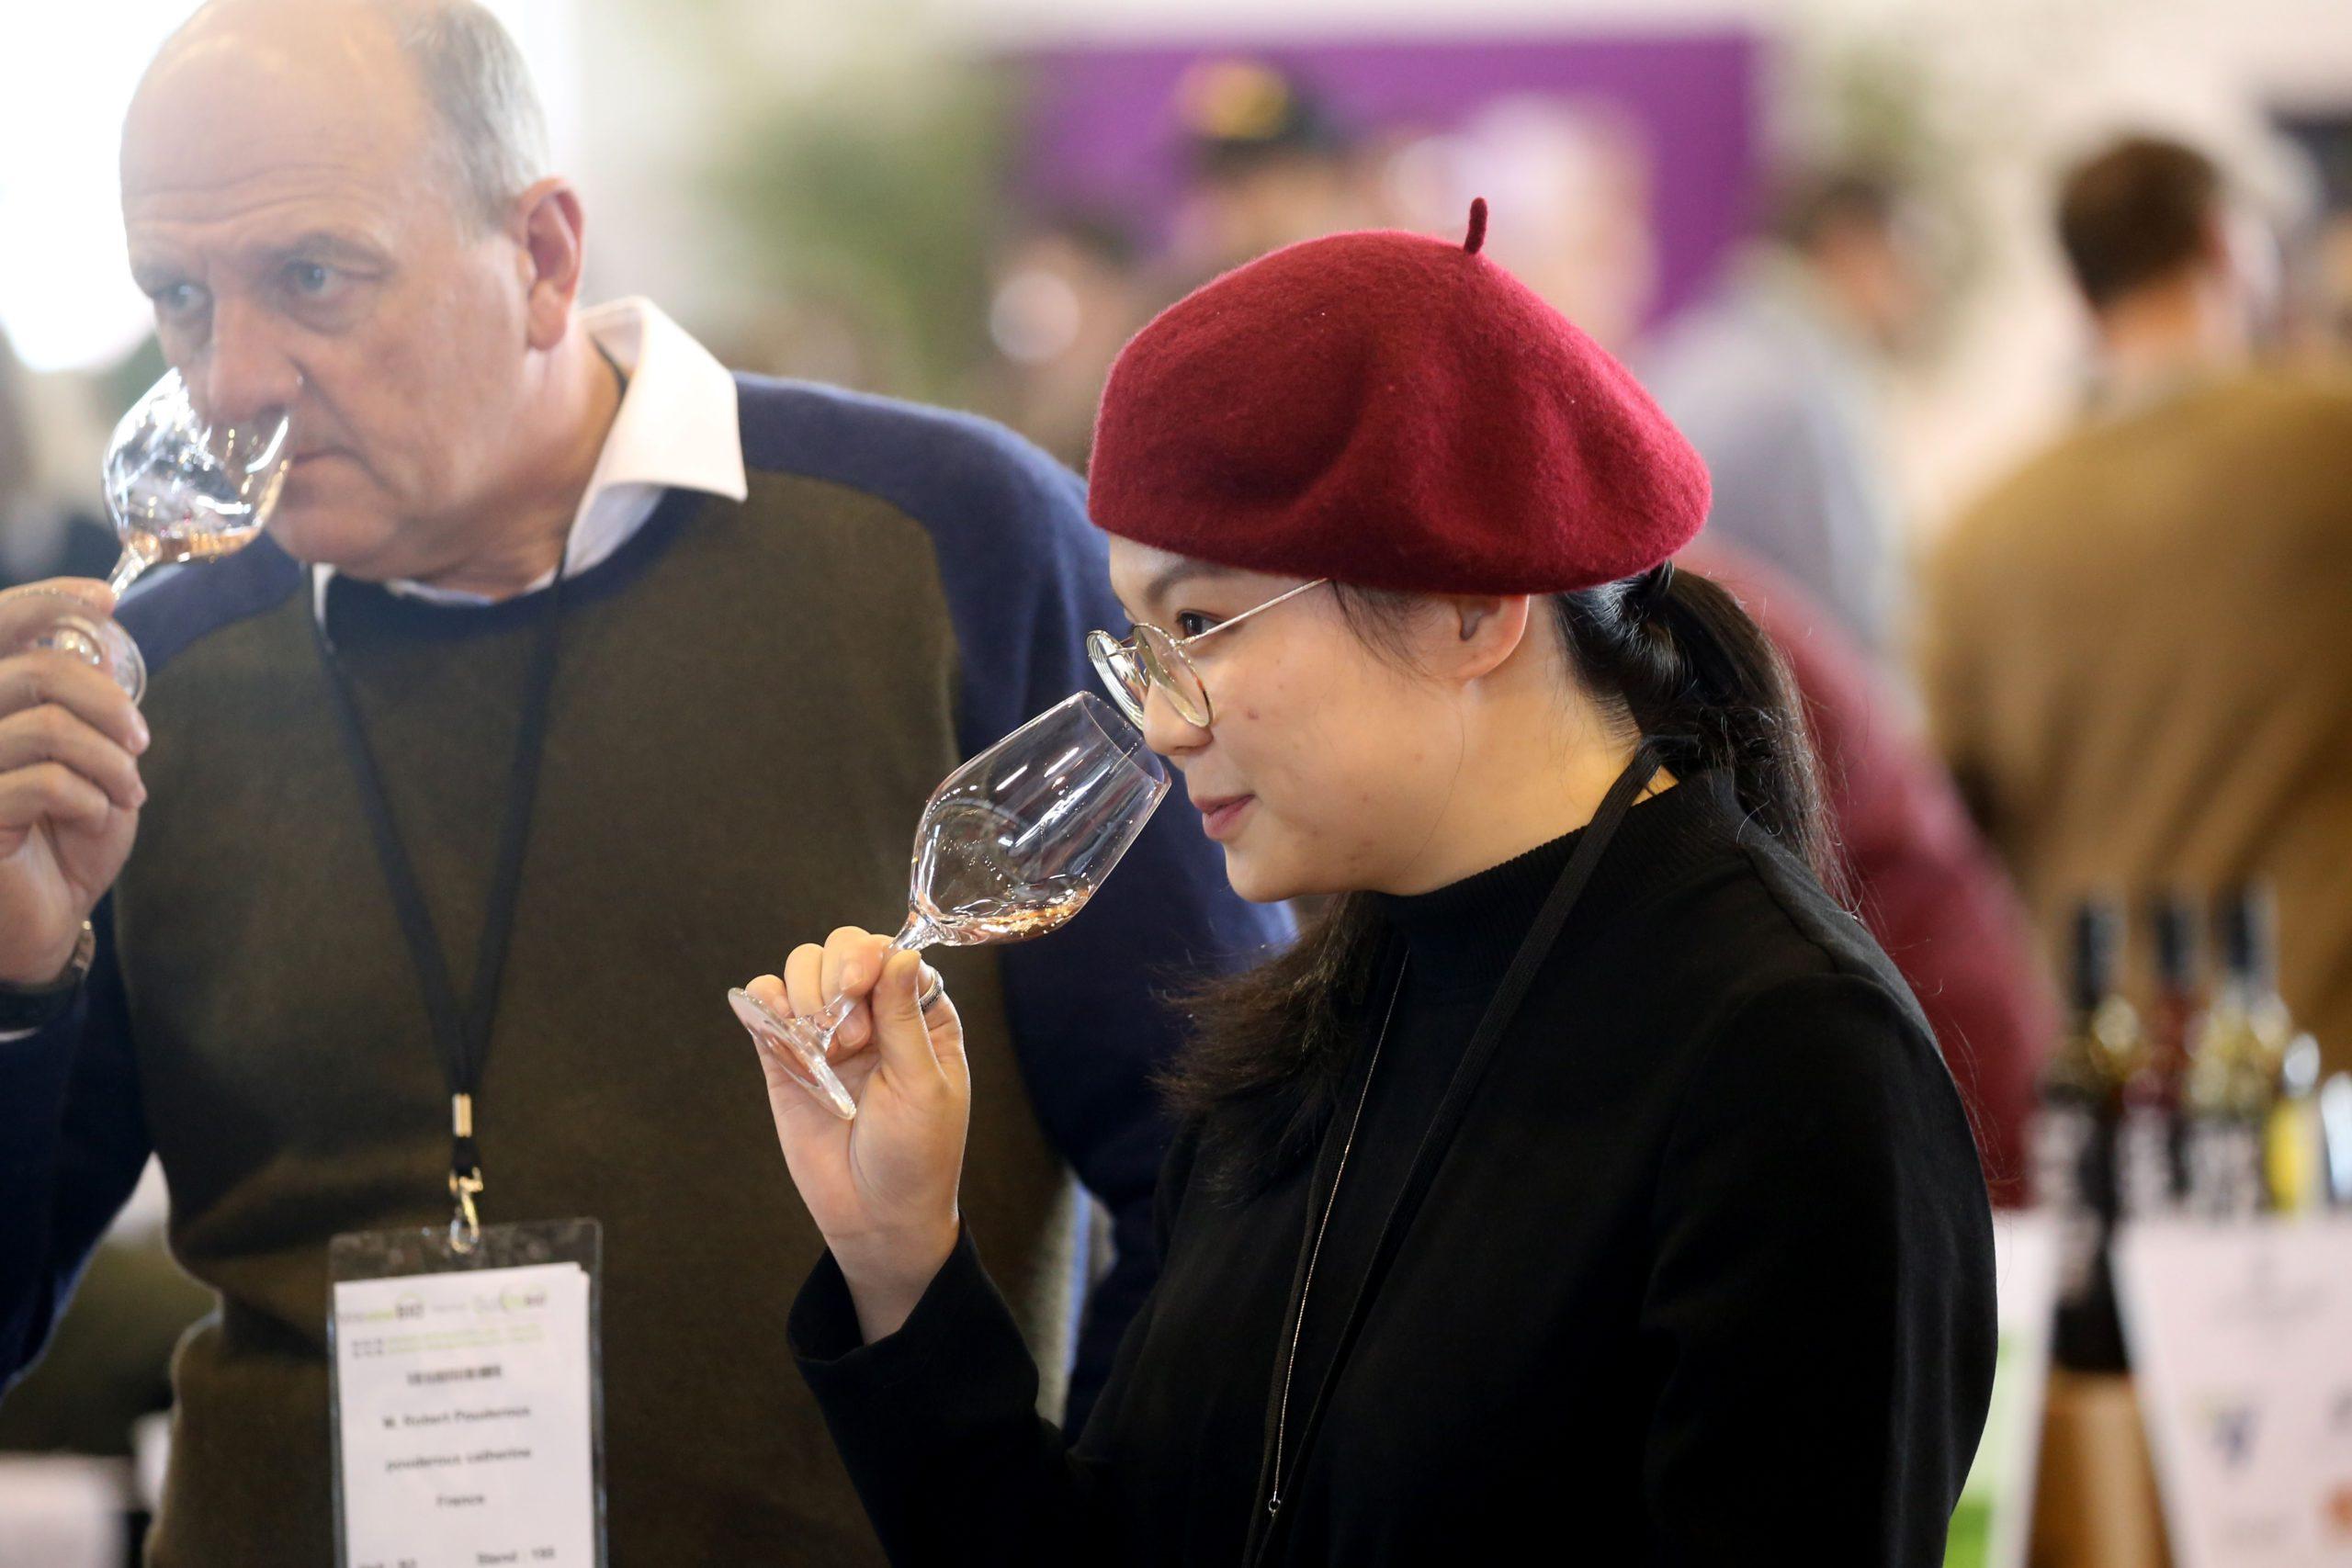 La consommation mondiale de bio-vin a doublé depuis 2013 selon une étude de l'association des viticulteurs Sudvinbio et du British Institute of Wines and Spirits (IWSR).